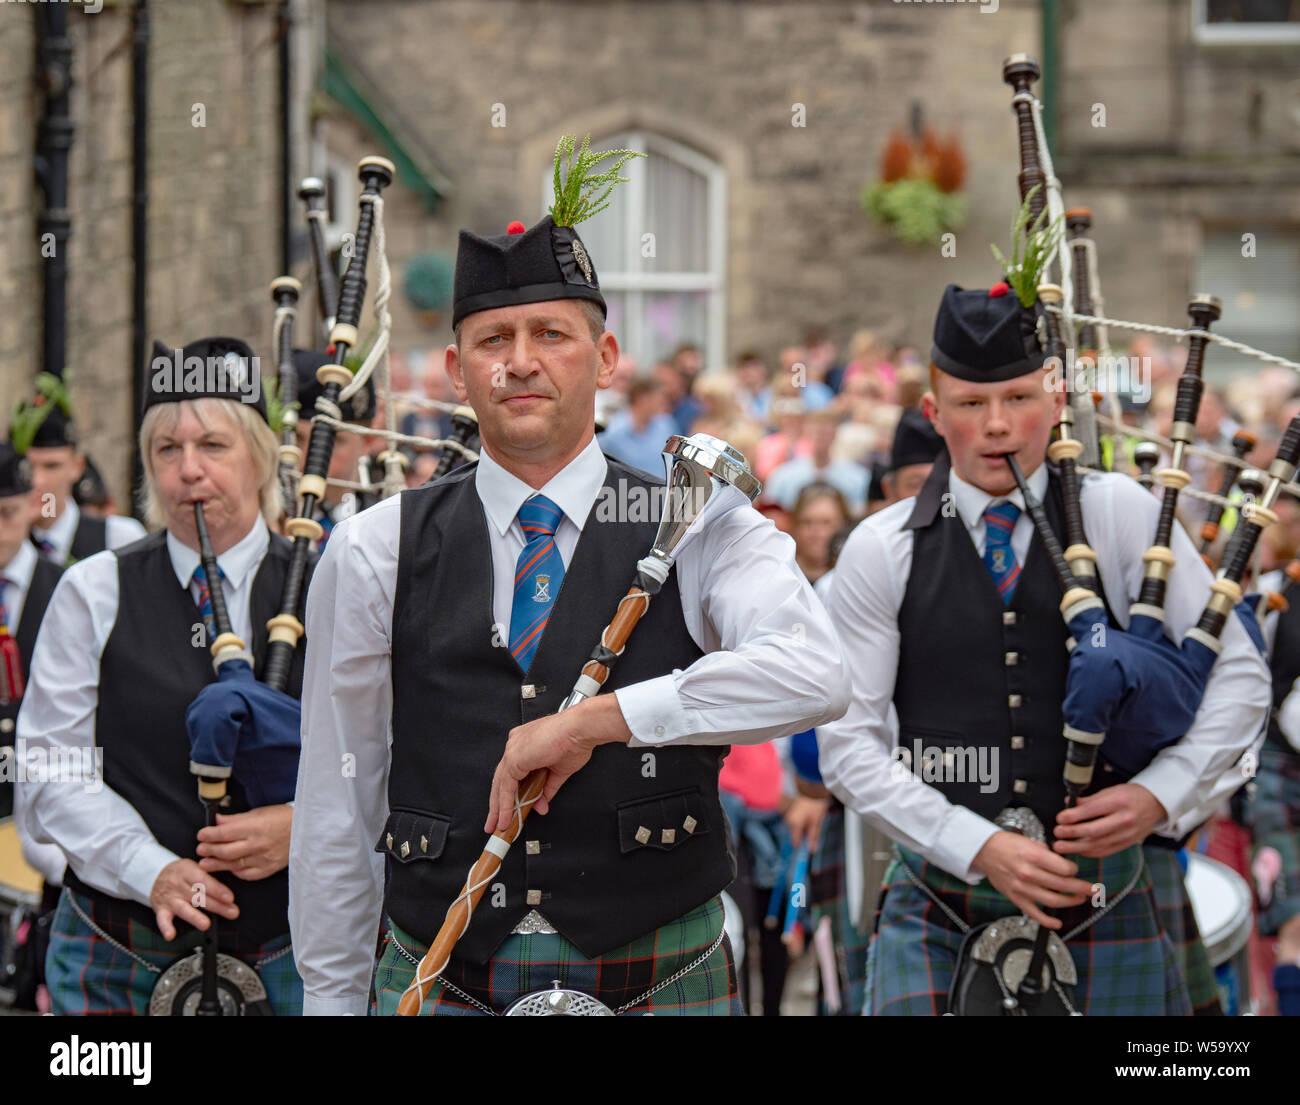 Langholm, Dumfries and Galloway, Scotland, Regno Unito. Il 26 luglio 2019. Il Comune Langholm equitazione, evento annuale che si tiene l'ultimo venerdì di luglio. Foto Stock